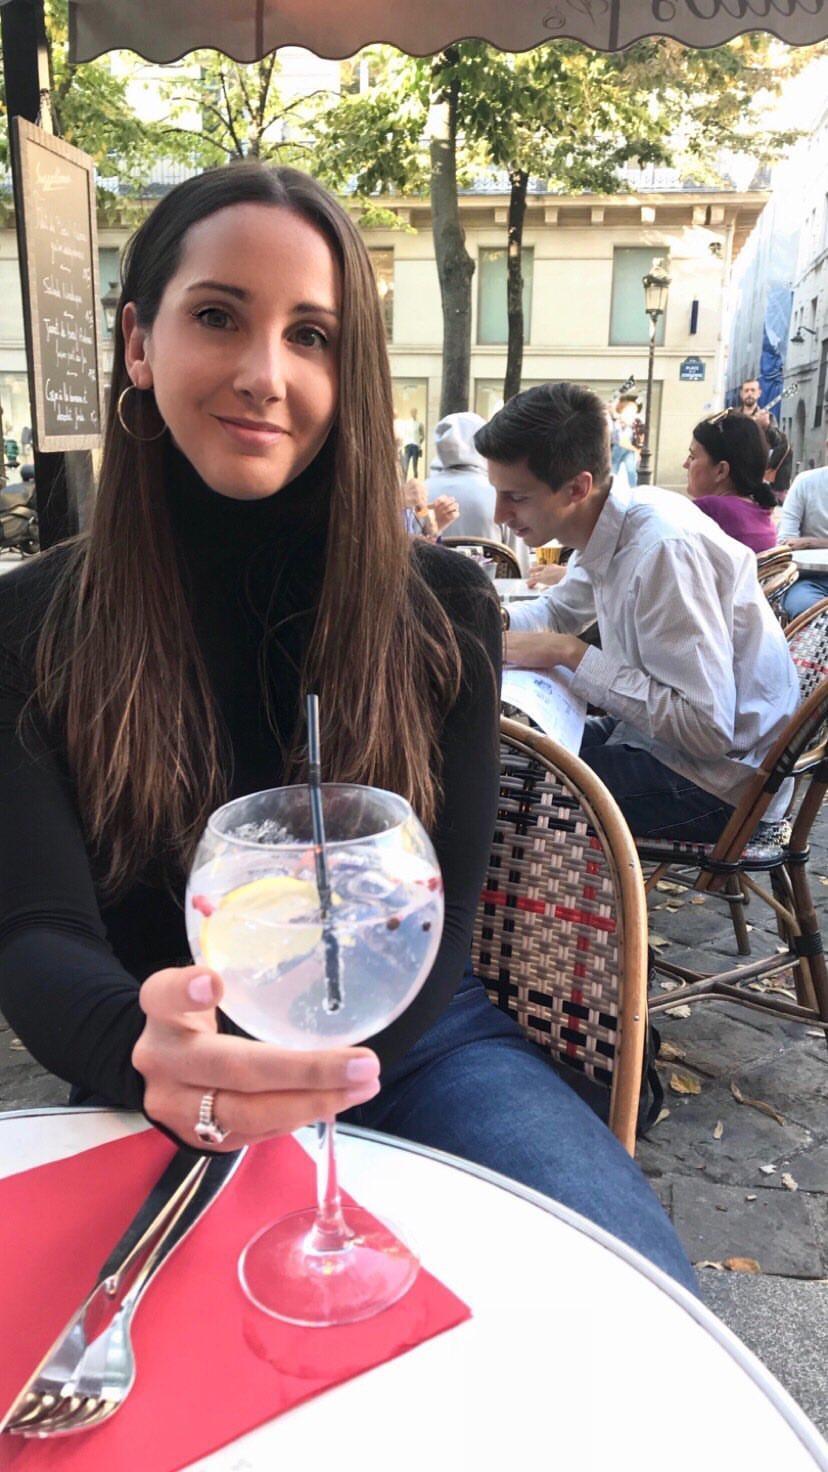 What I Wore in Paris - heatherrinder.com